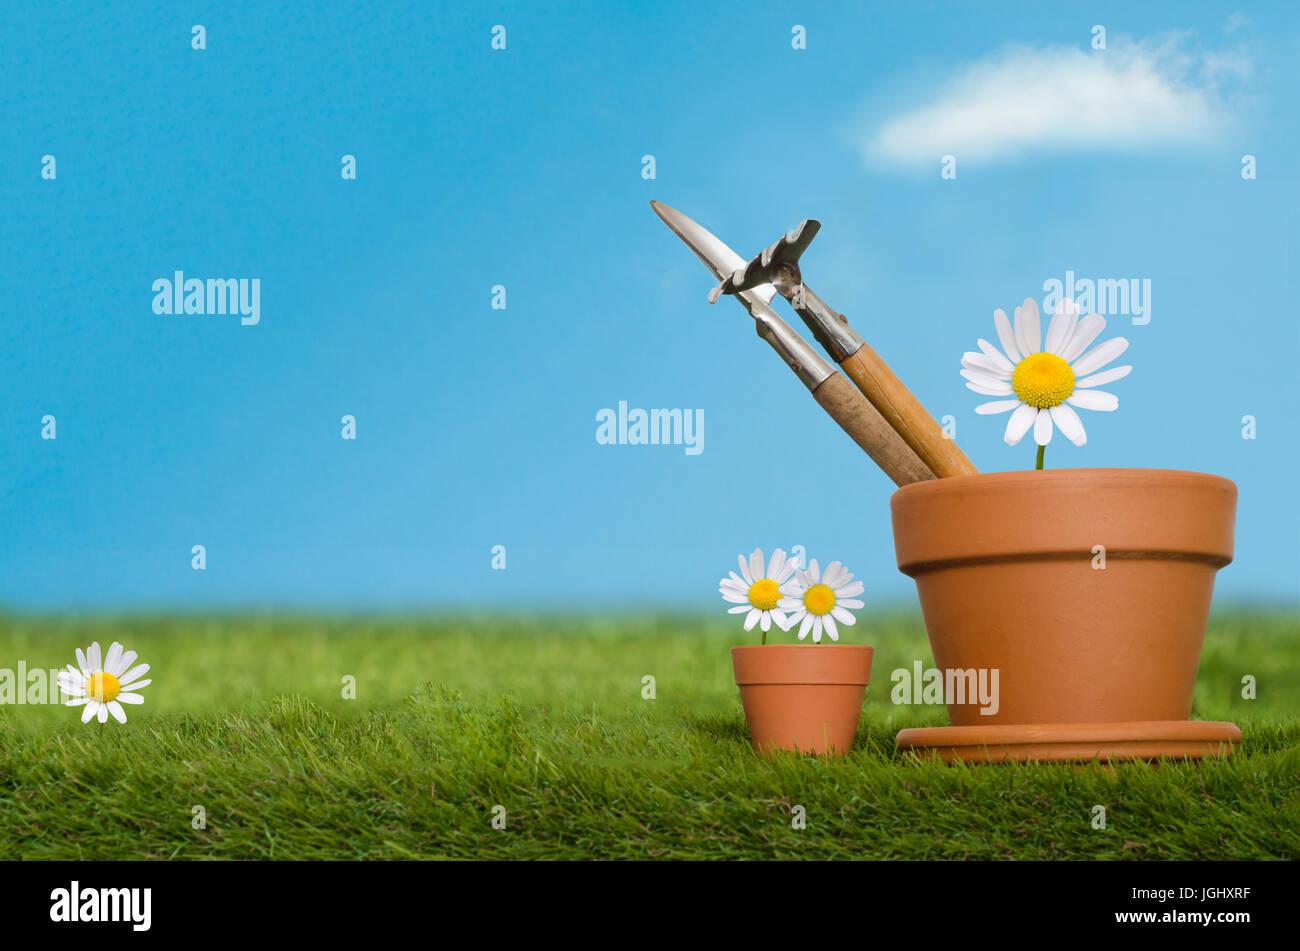 Grandi e piccoli vasi per piante contenenti inglese daisy fiori e